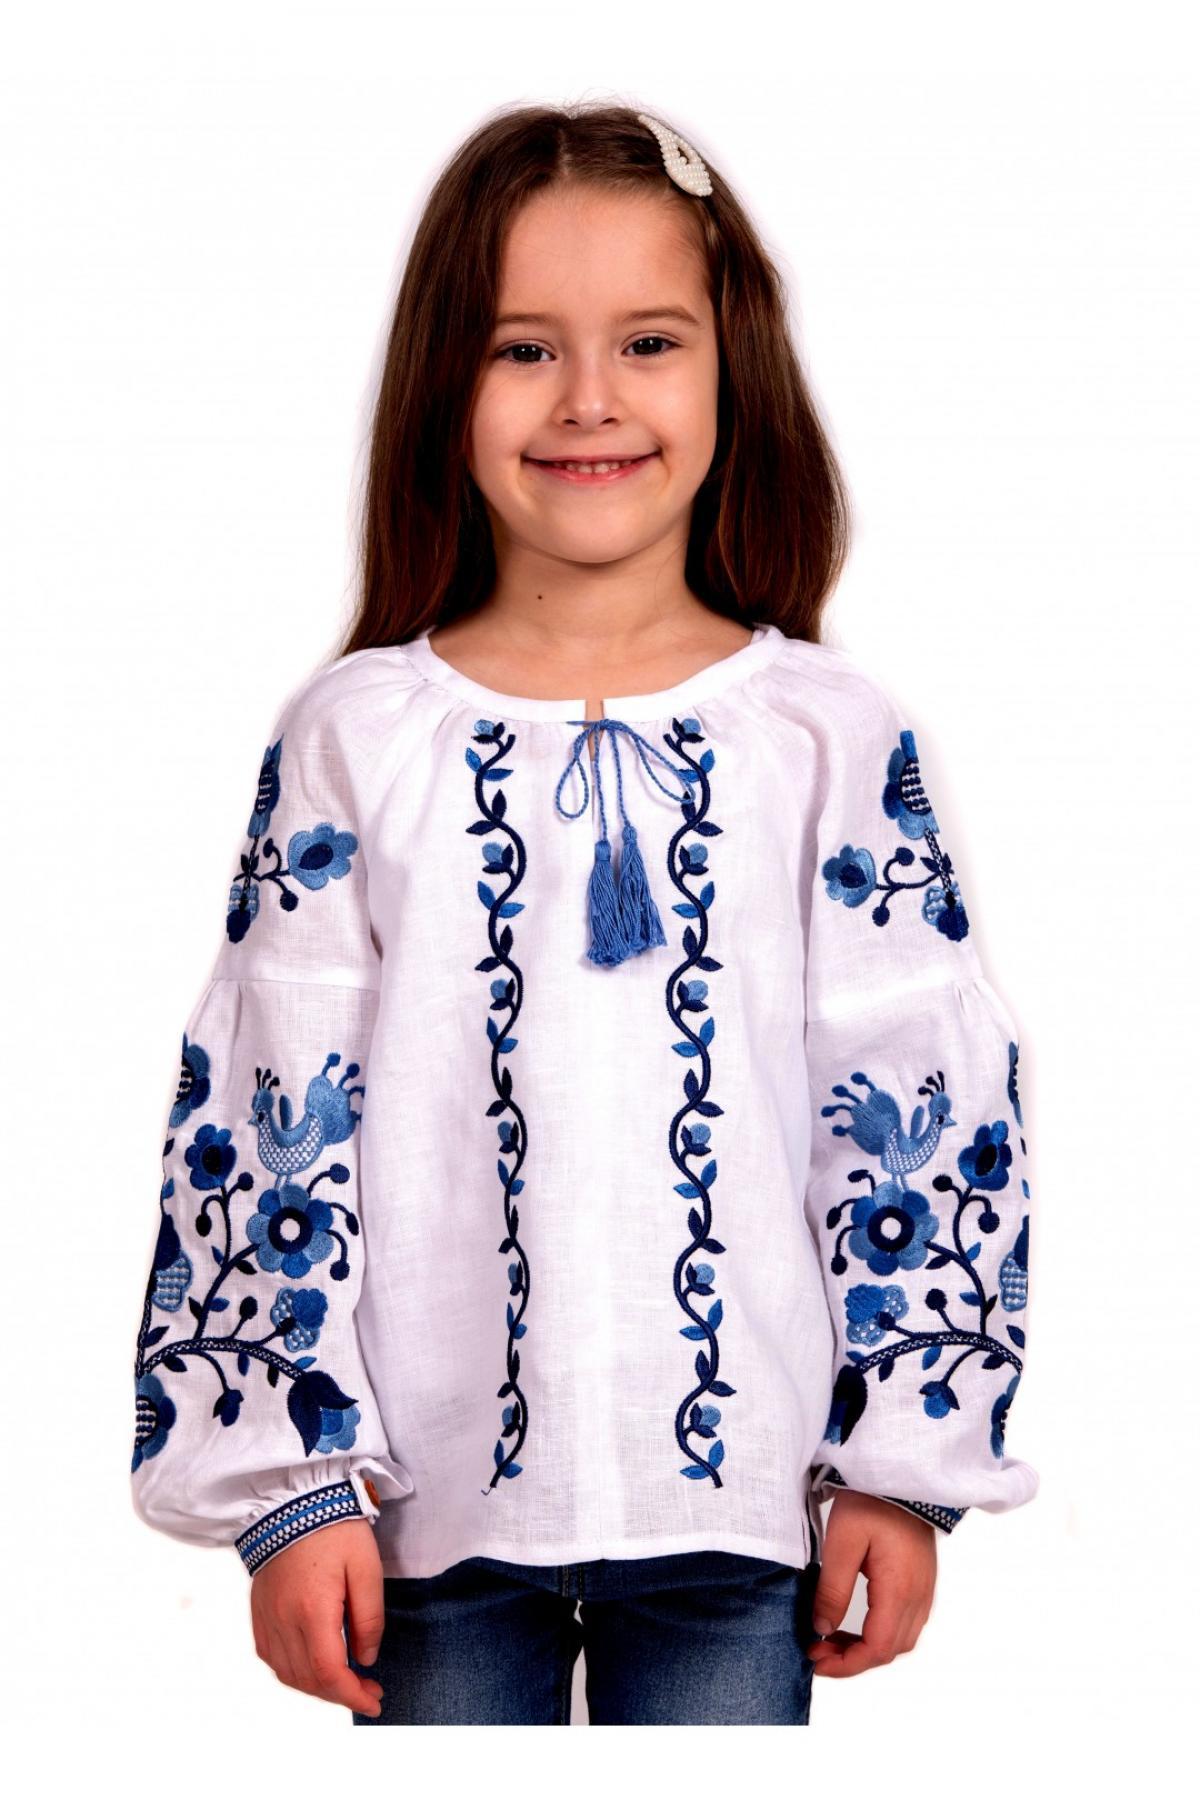 Вишиванка для дівчинки біла з синьою вишивкою. Фото №5. | Народний дім Україна